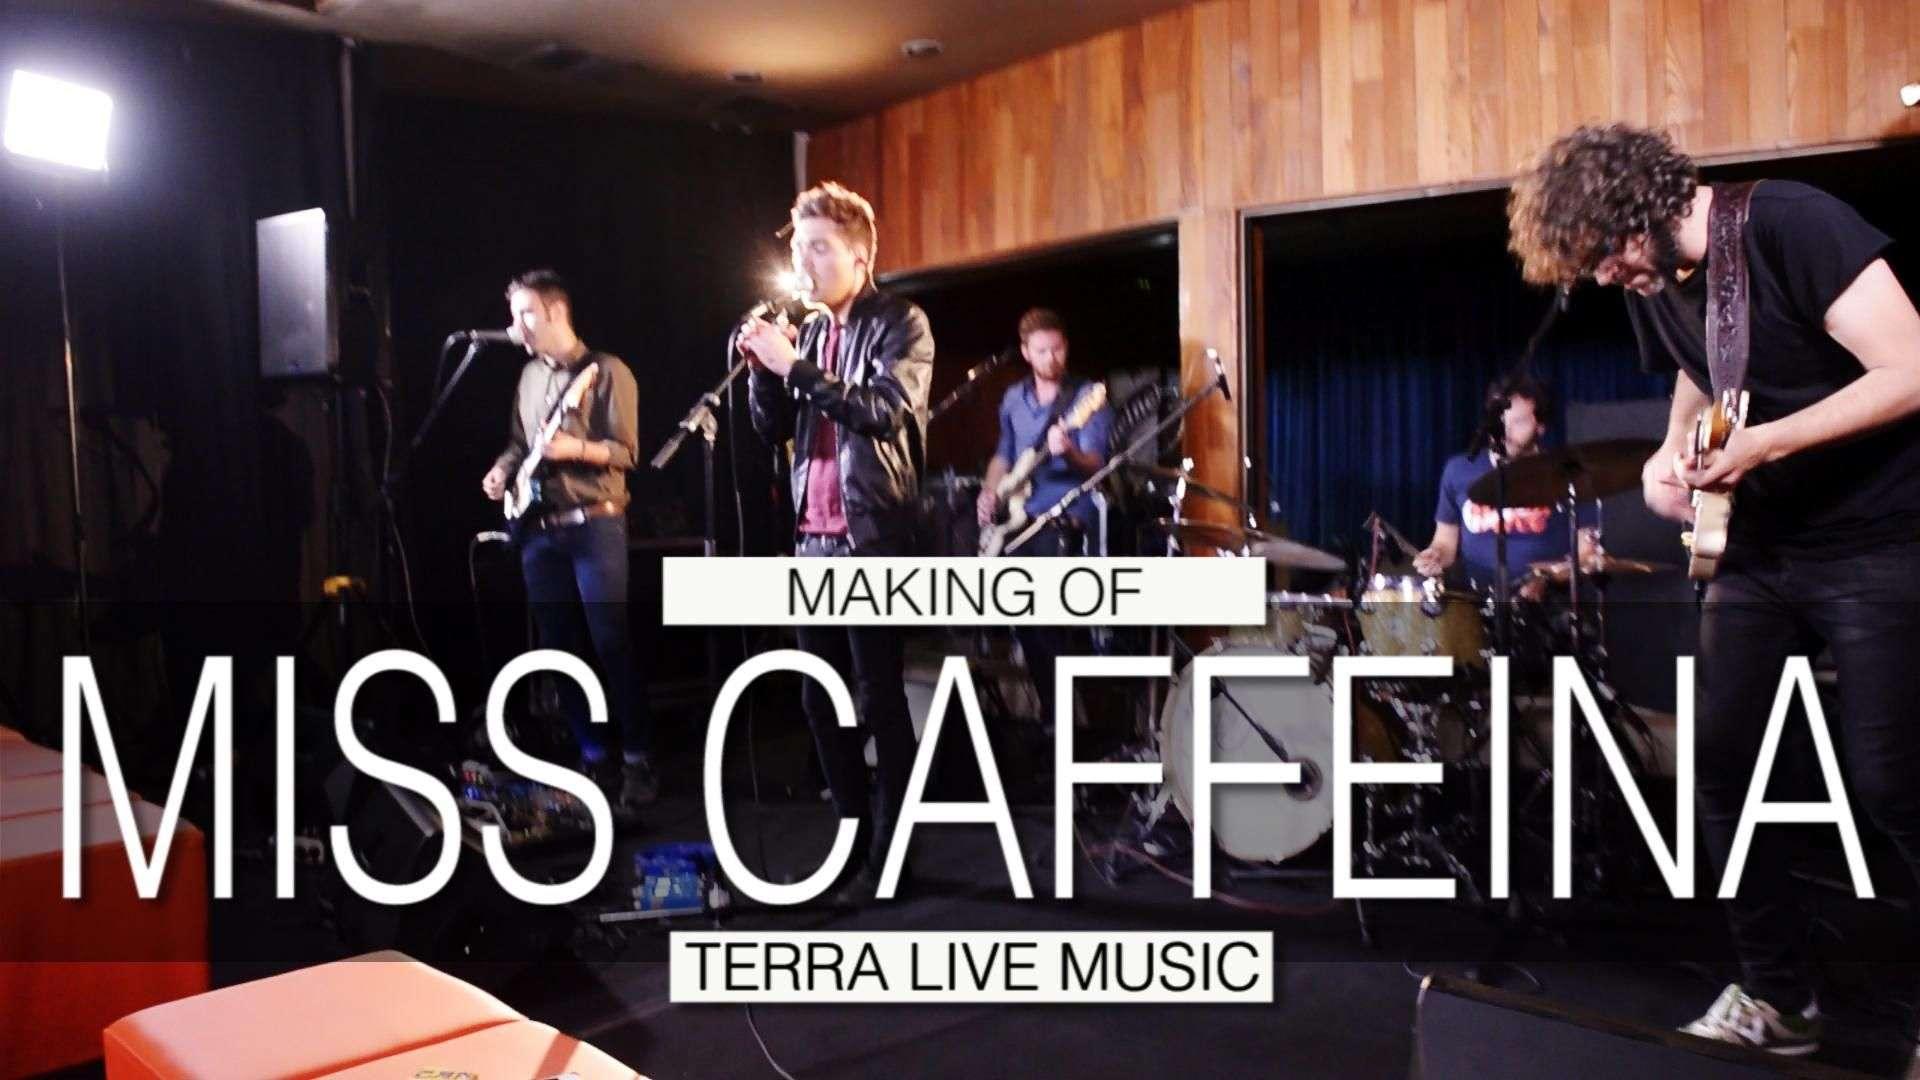 Making of de Miss Caffeina en Terra Live Music